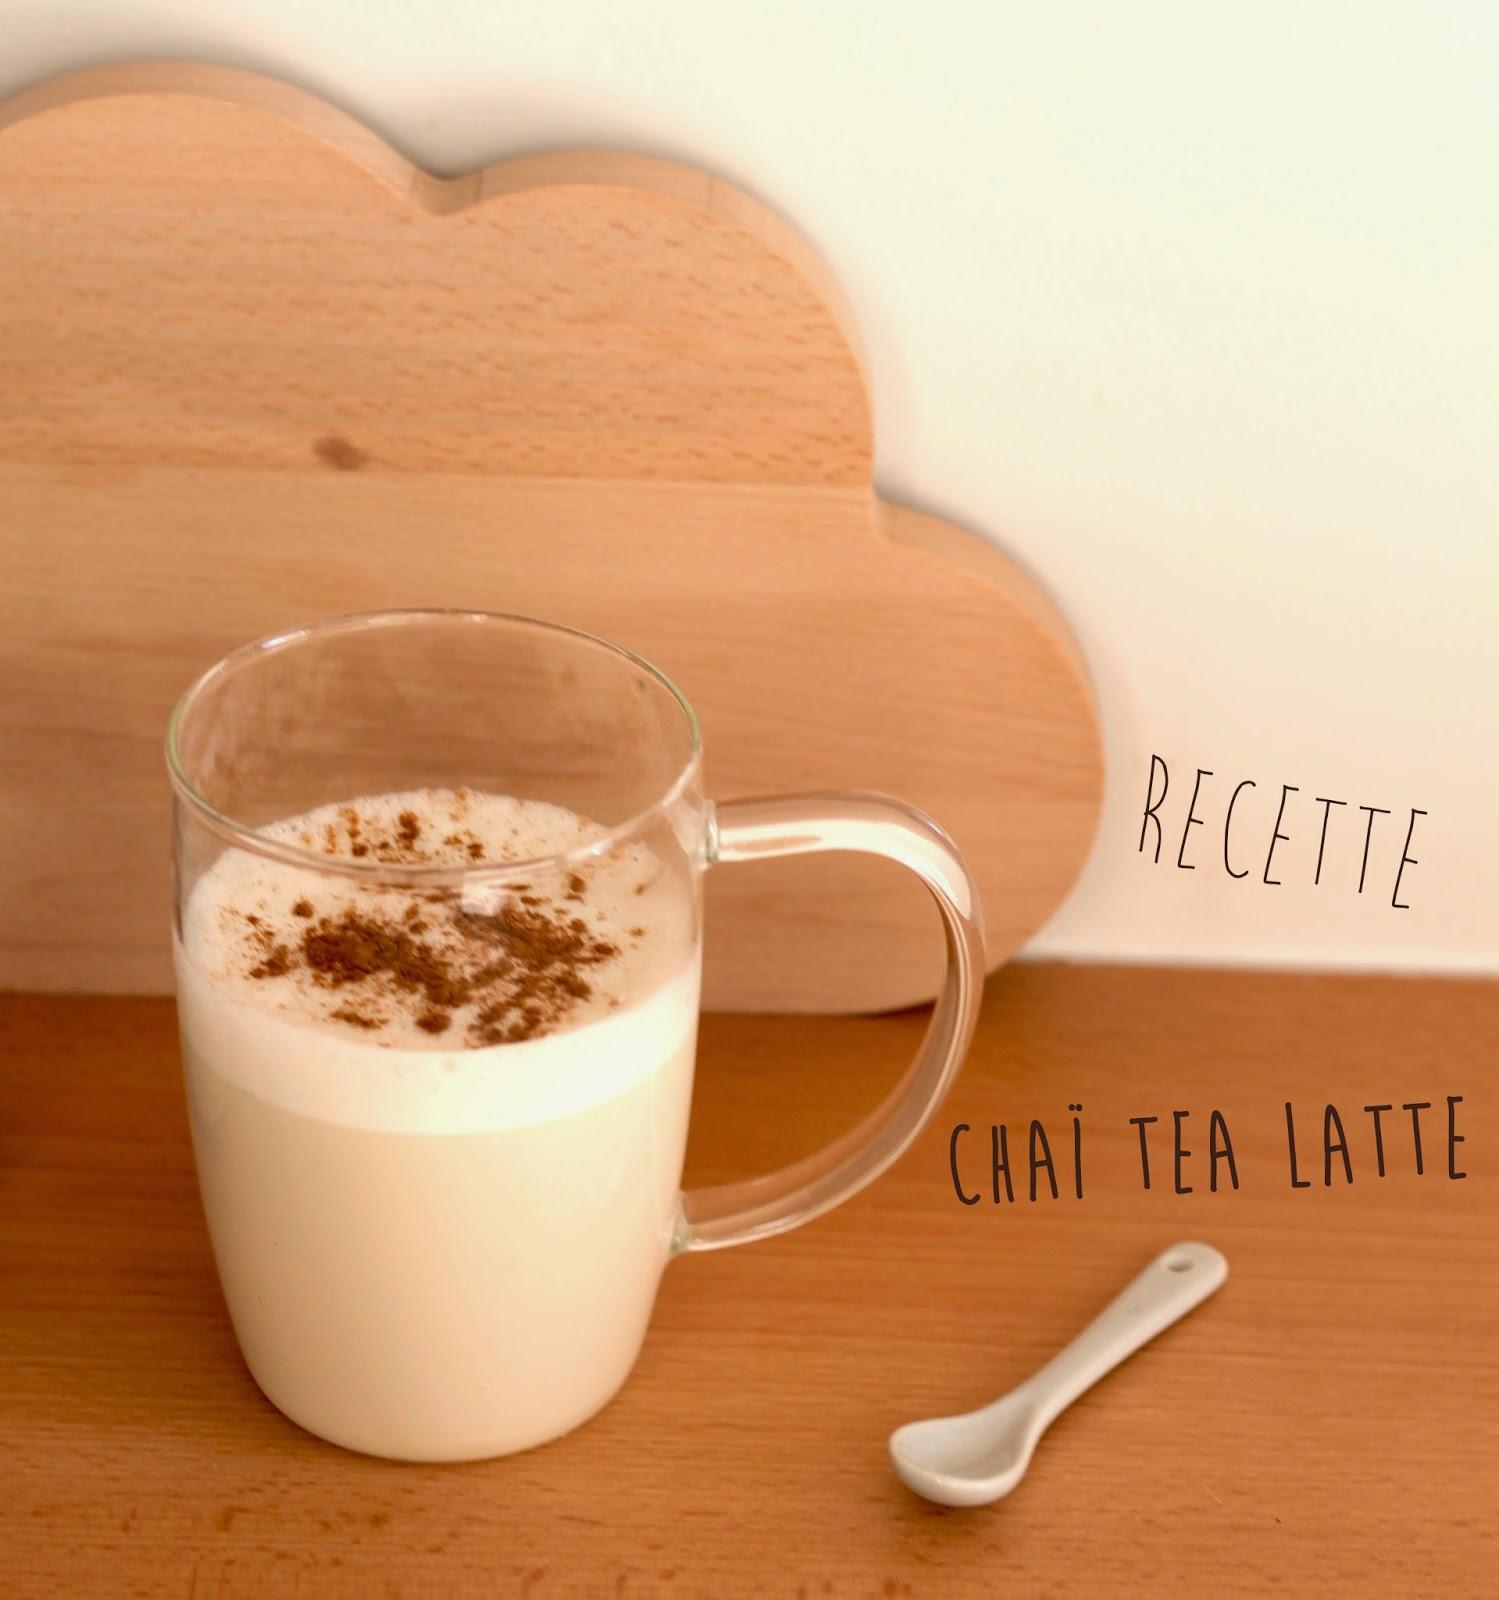 recette du cha tea latte maison slanelle style blog mode voyage musique beaut paris. Black Bedroom Furniture Sets. Home Design Ideas